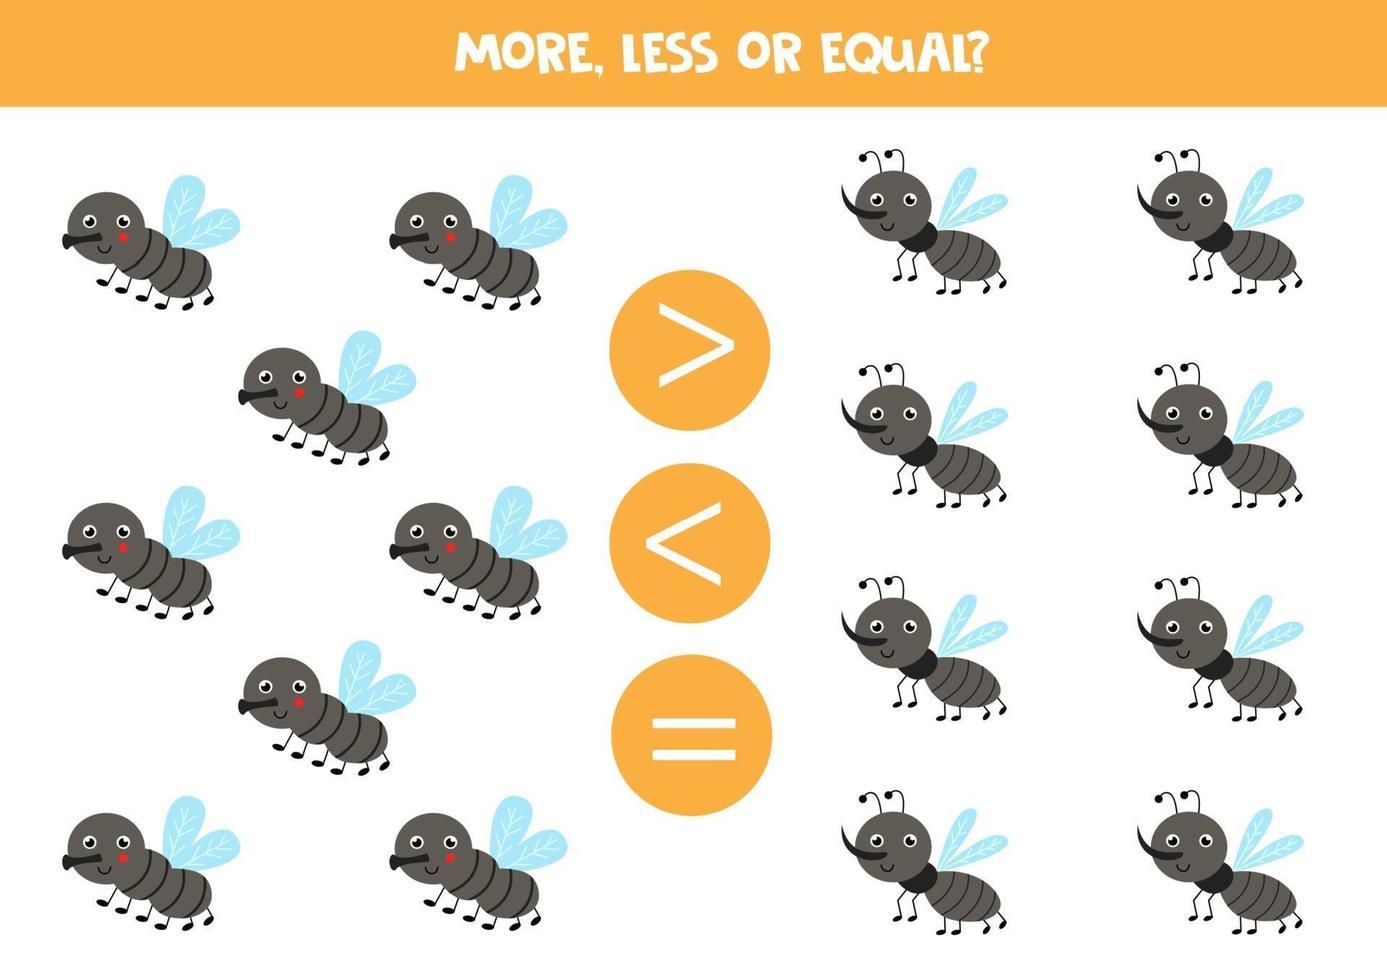 meer, minder, gelijk aan schattige vliegen en muggen. vector